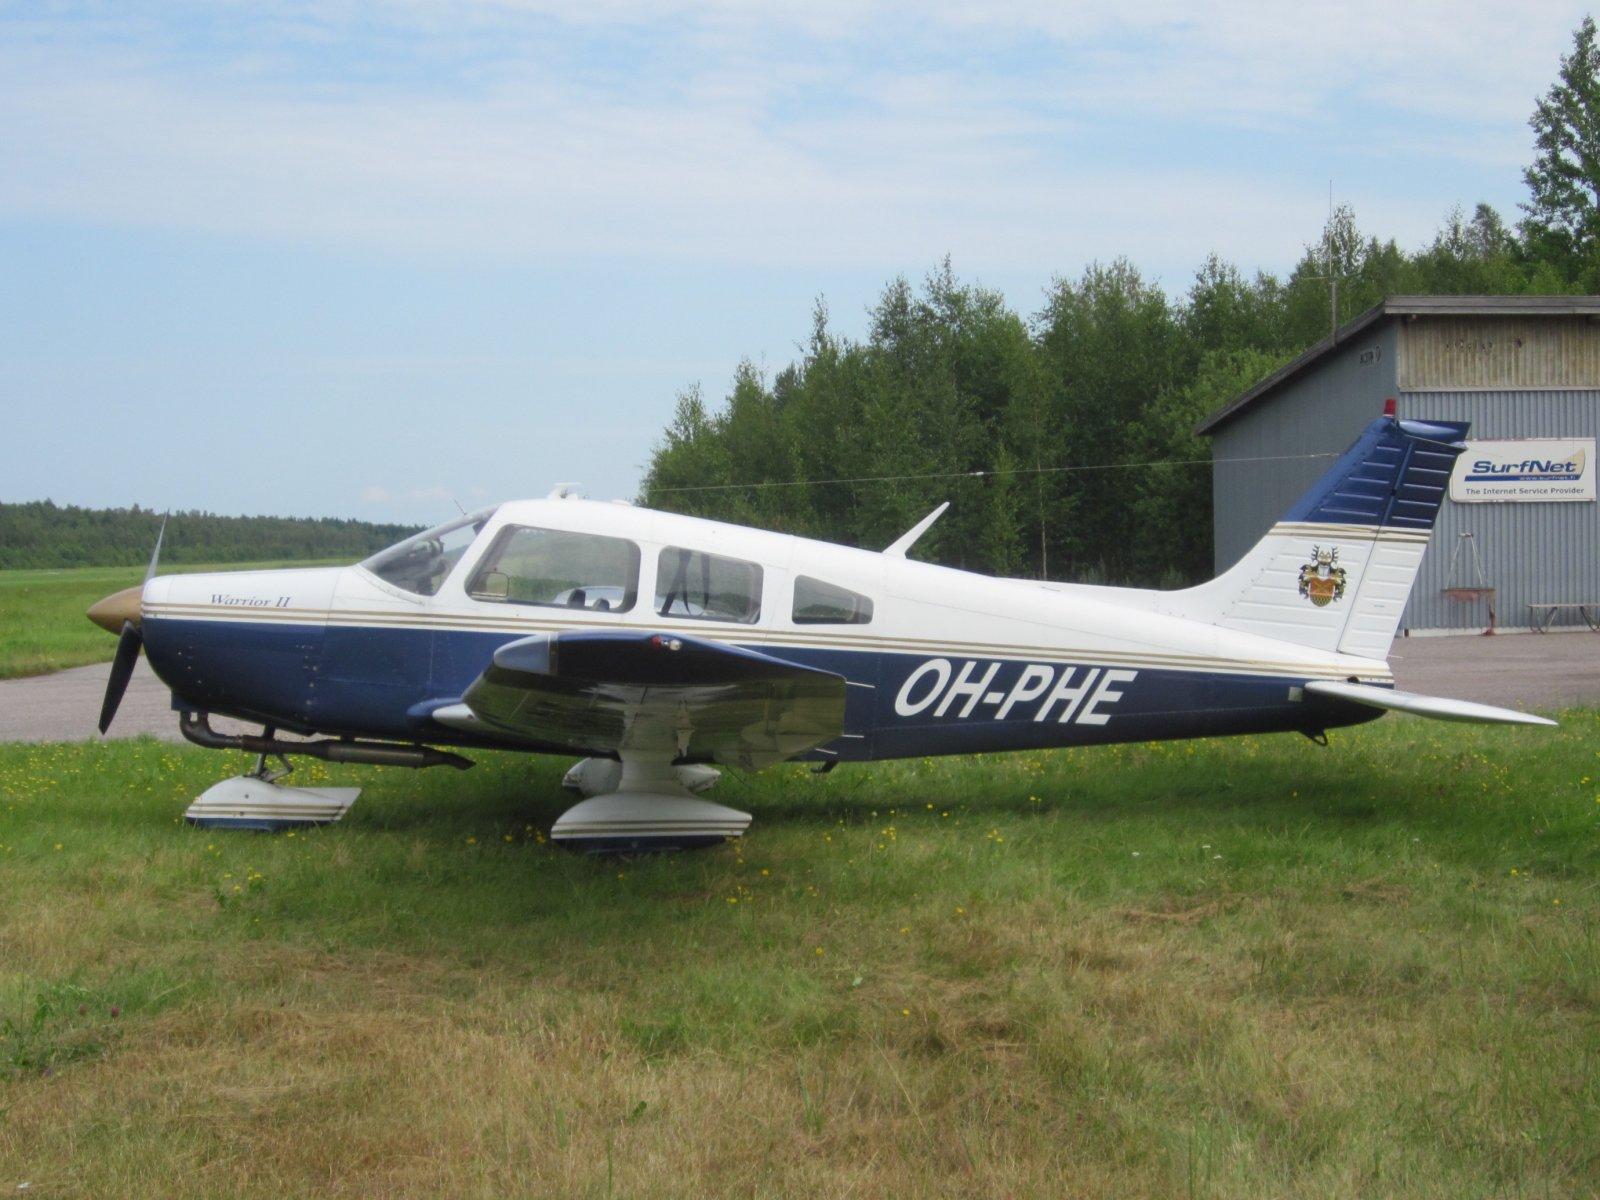 Piper PA-28-161 Warrior II OH-PHE EFHN 2014-07-30